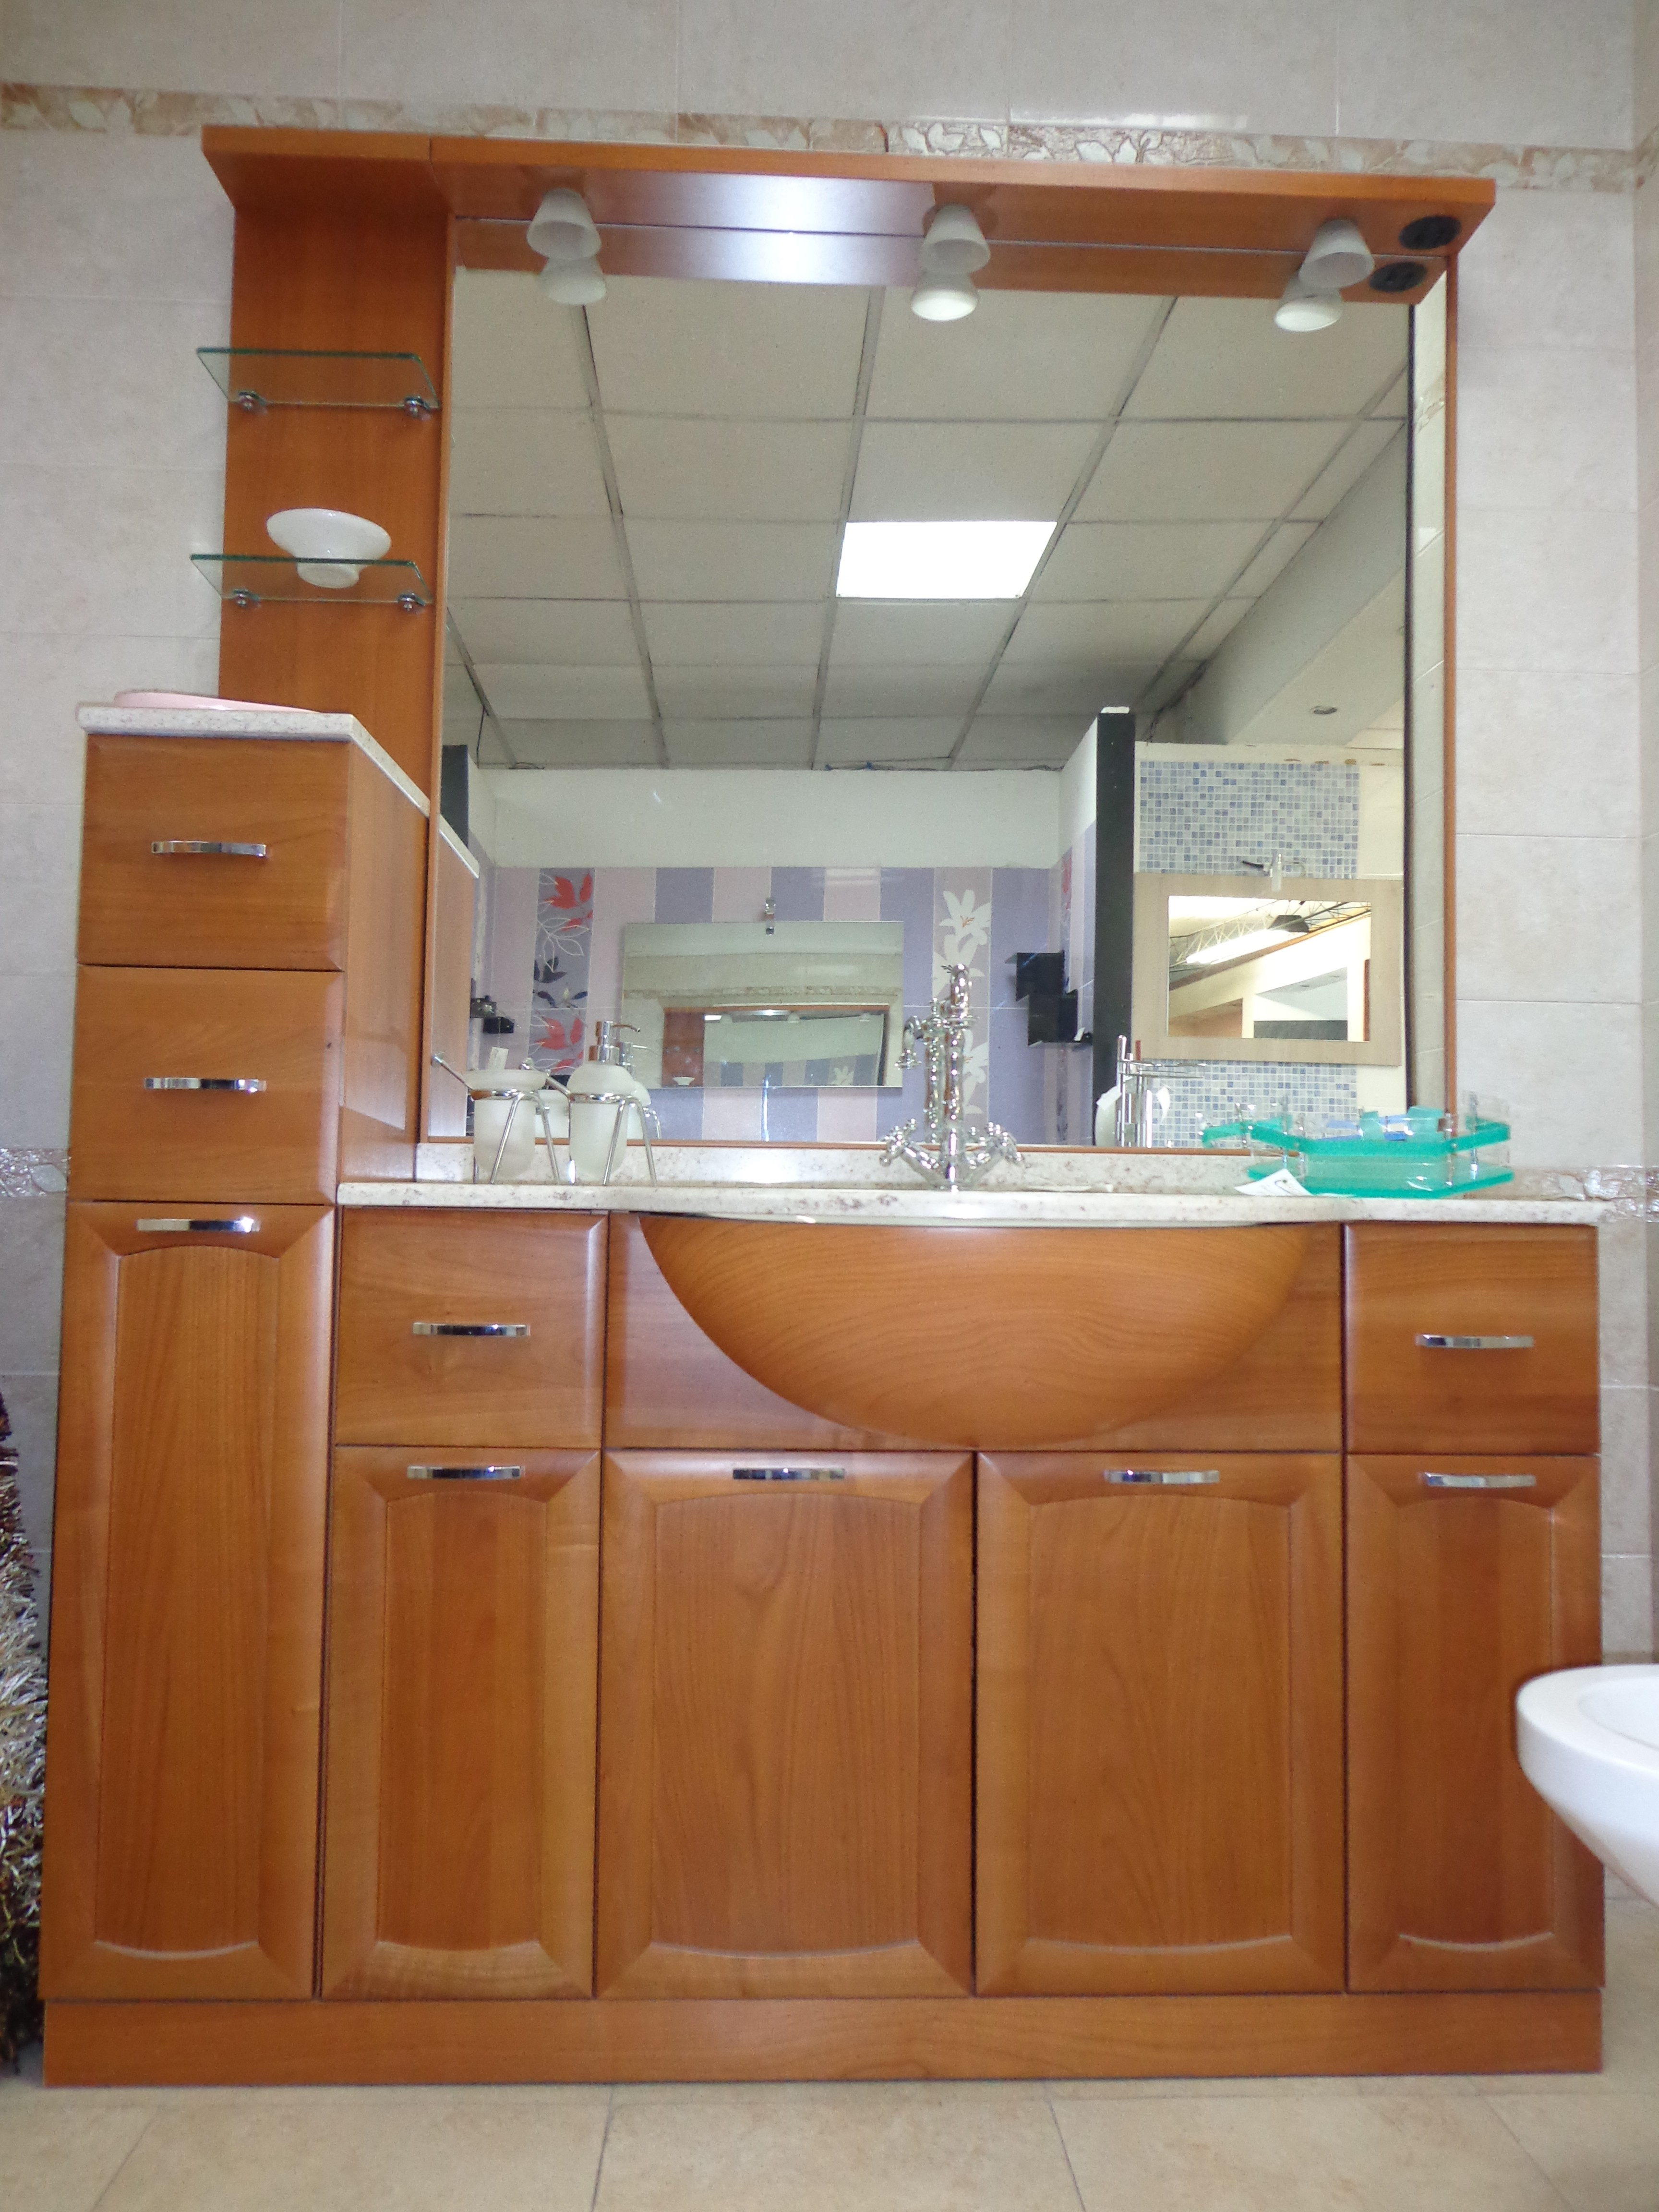 Mobile bagno paloma arredo bagno a prezzi scontati - Mobile bagno usato roma ...